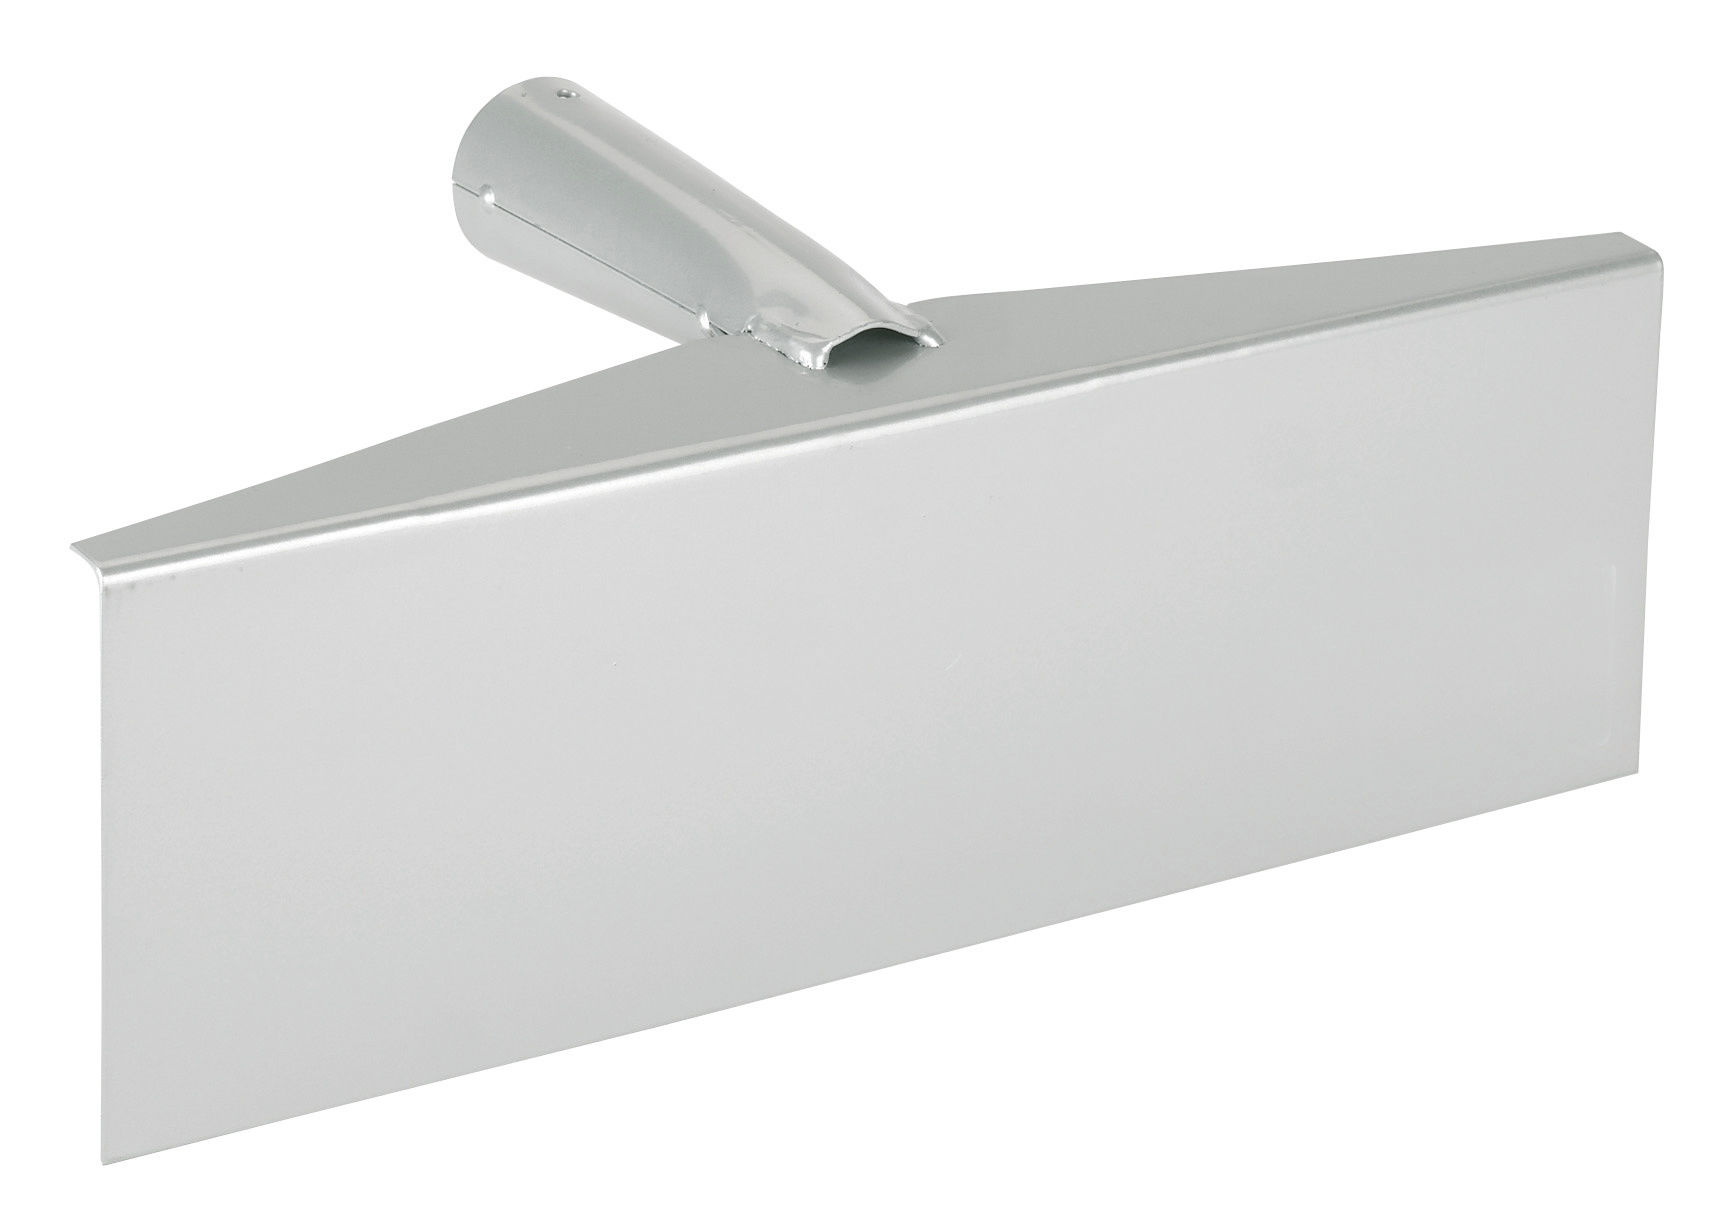 Kotkrücke Stahlblech 35cm